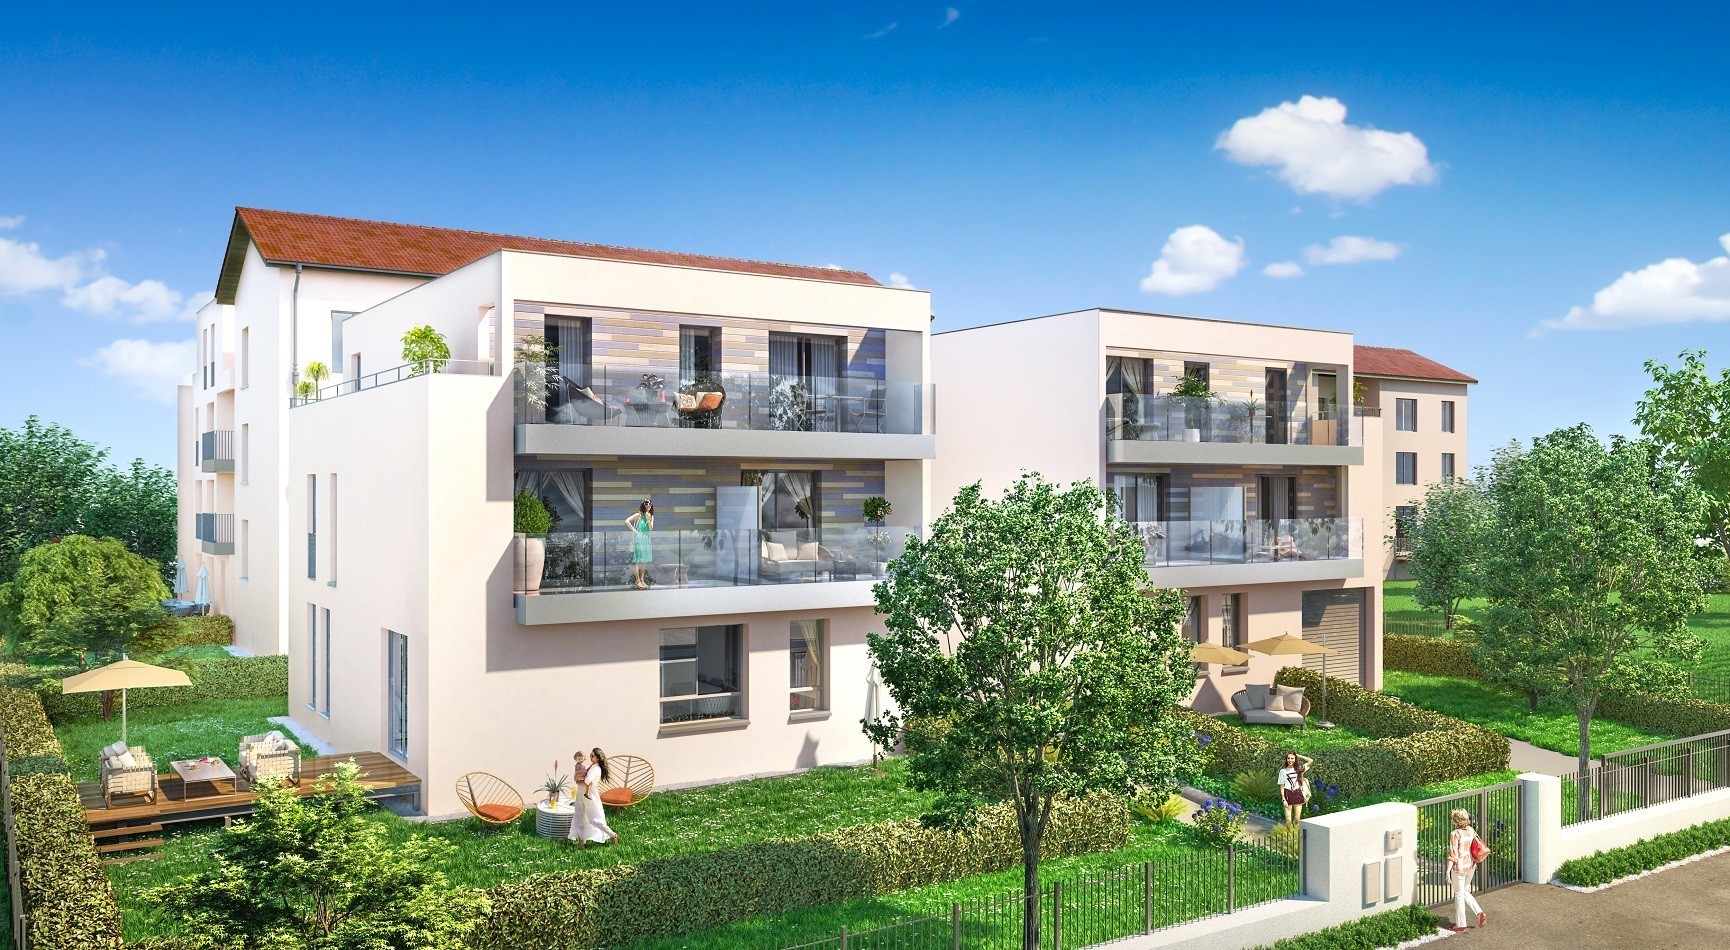 Programme immobilier Lyon 9ème (69009)  DIA2